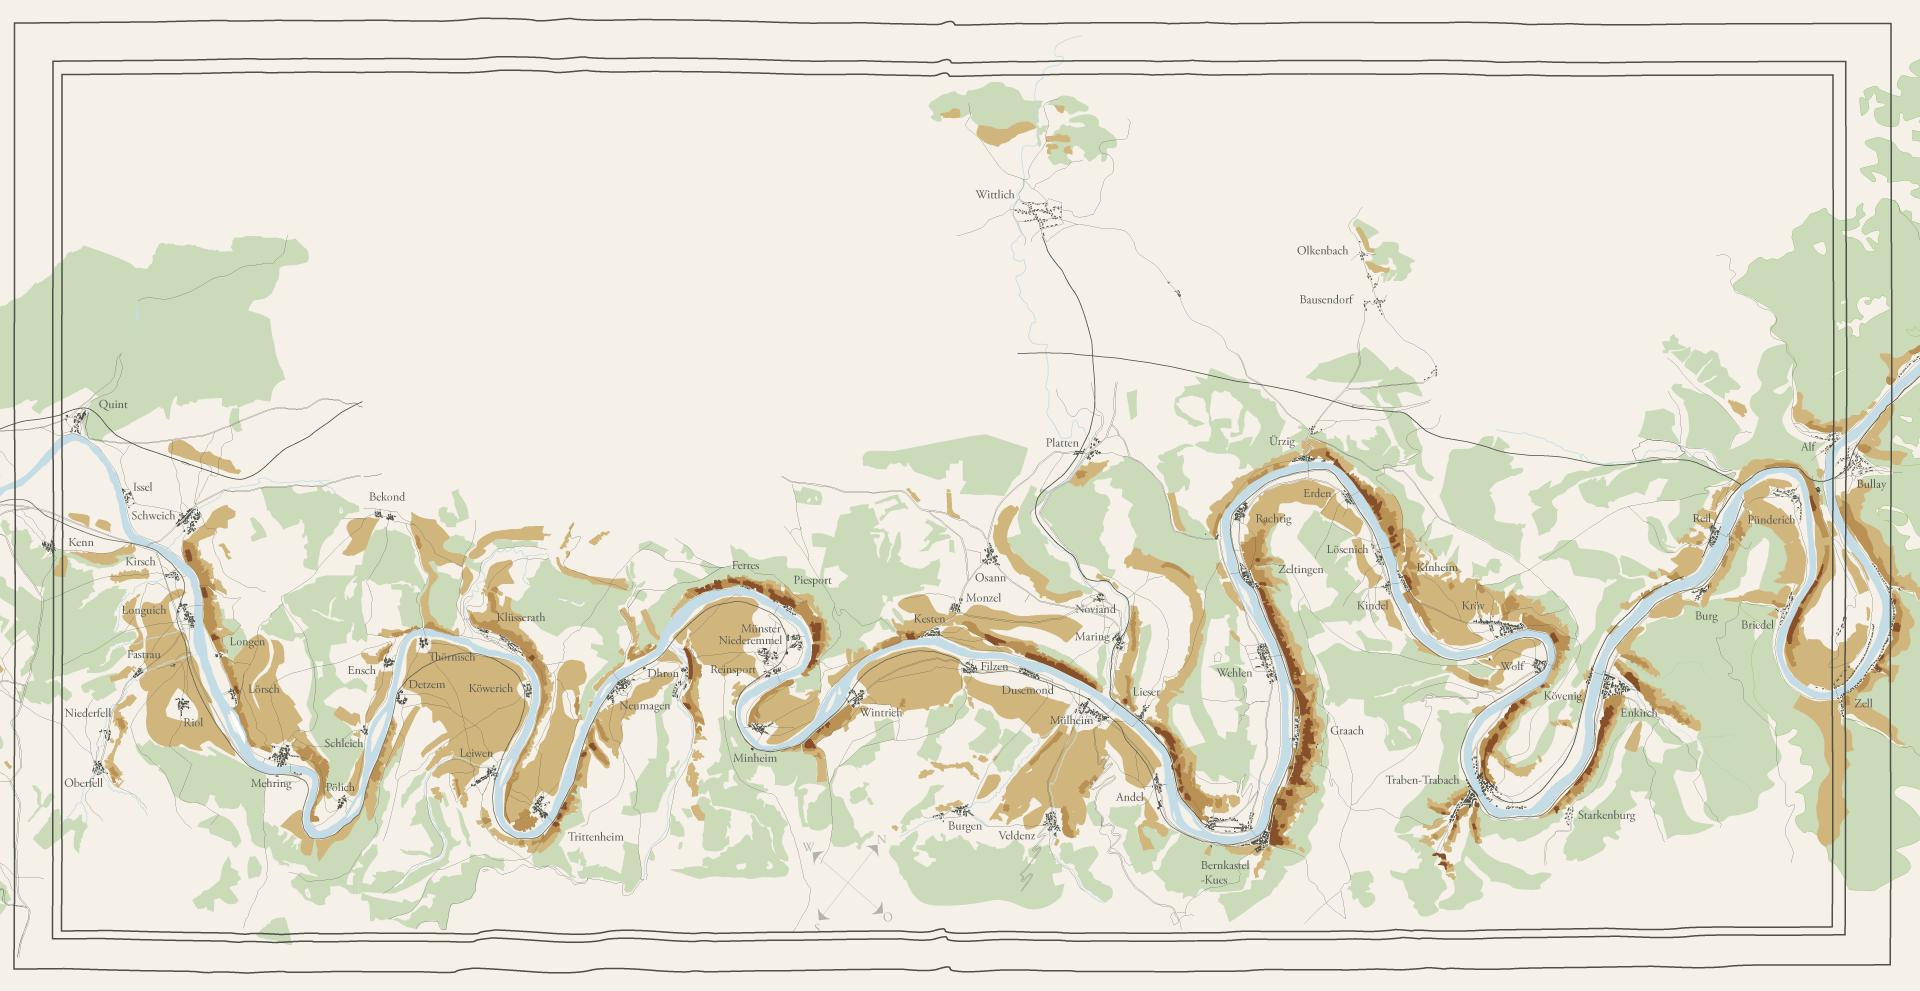 Mittelmosel Karte auf der man Weinberge erkeent. Die Weinbaukarte basiert auf den Lagen-Klassifikationen des 19. Jahrhunderts. Man erkennt den Fluss Mosel, Dörfer, Straßen und Wälder.